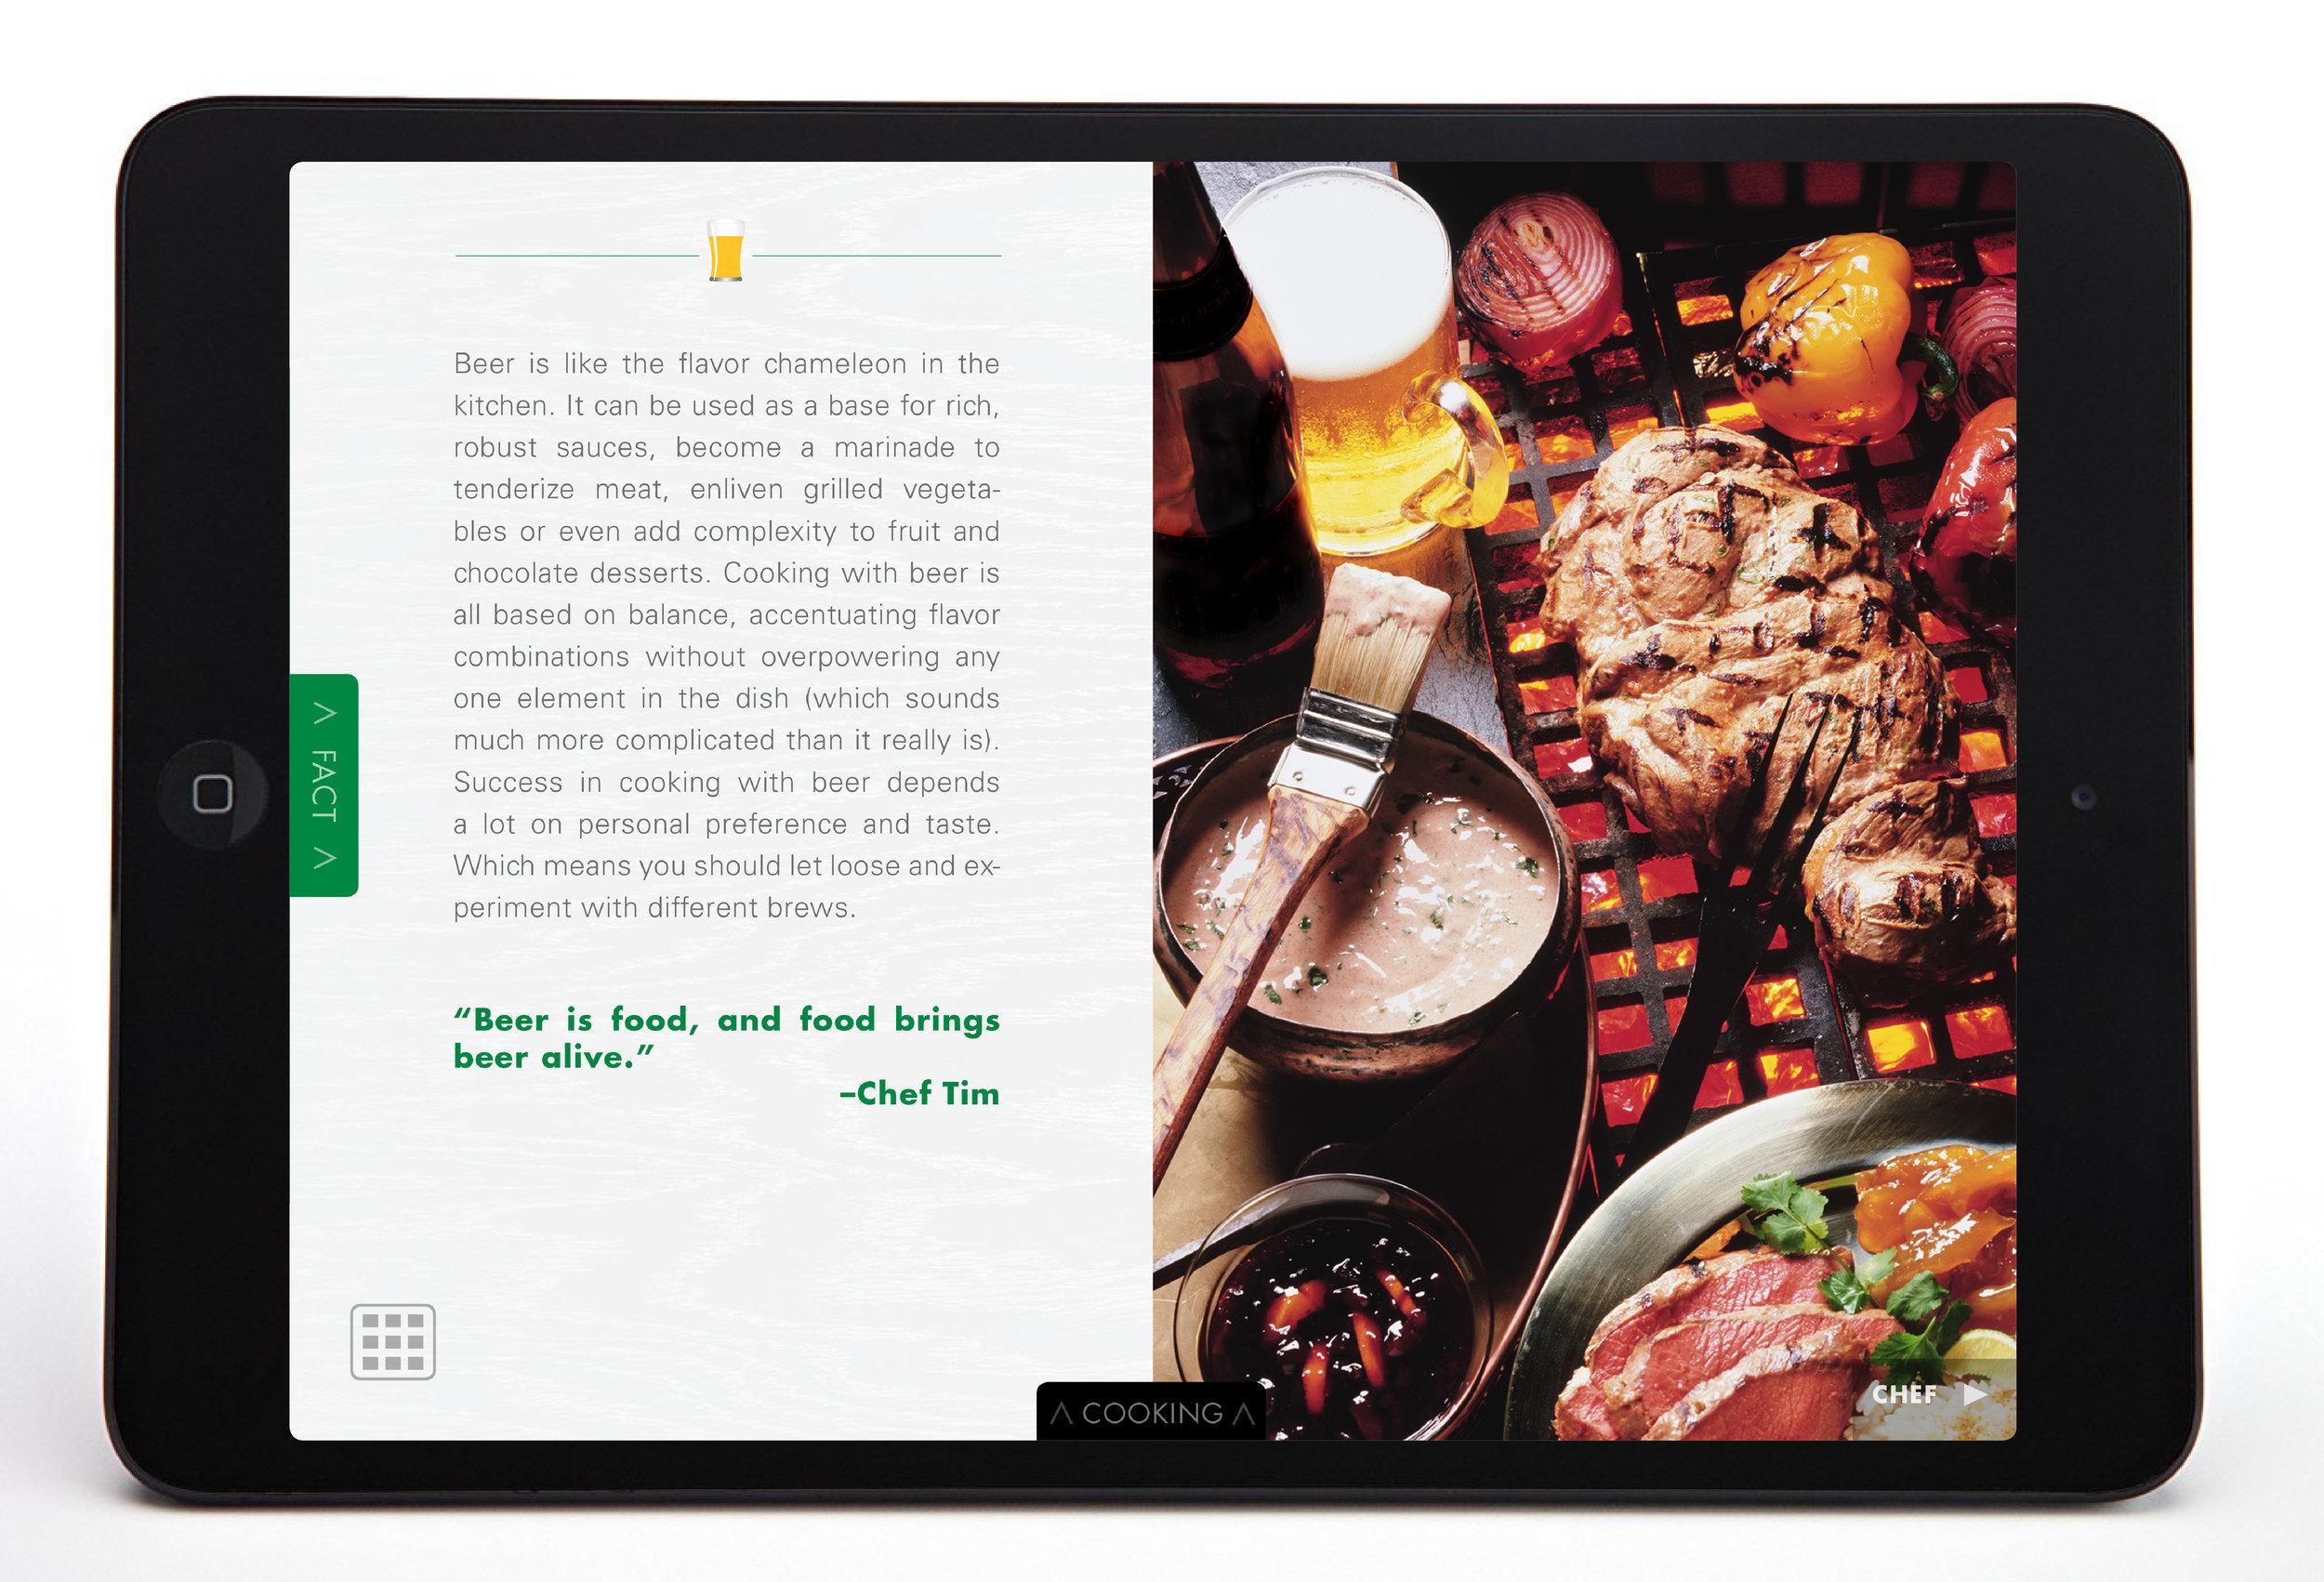 Heineken-food&beer pairing-interactive book52.jpg